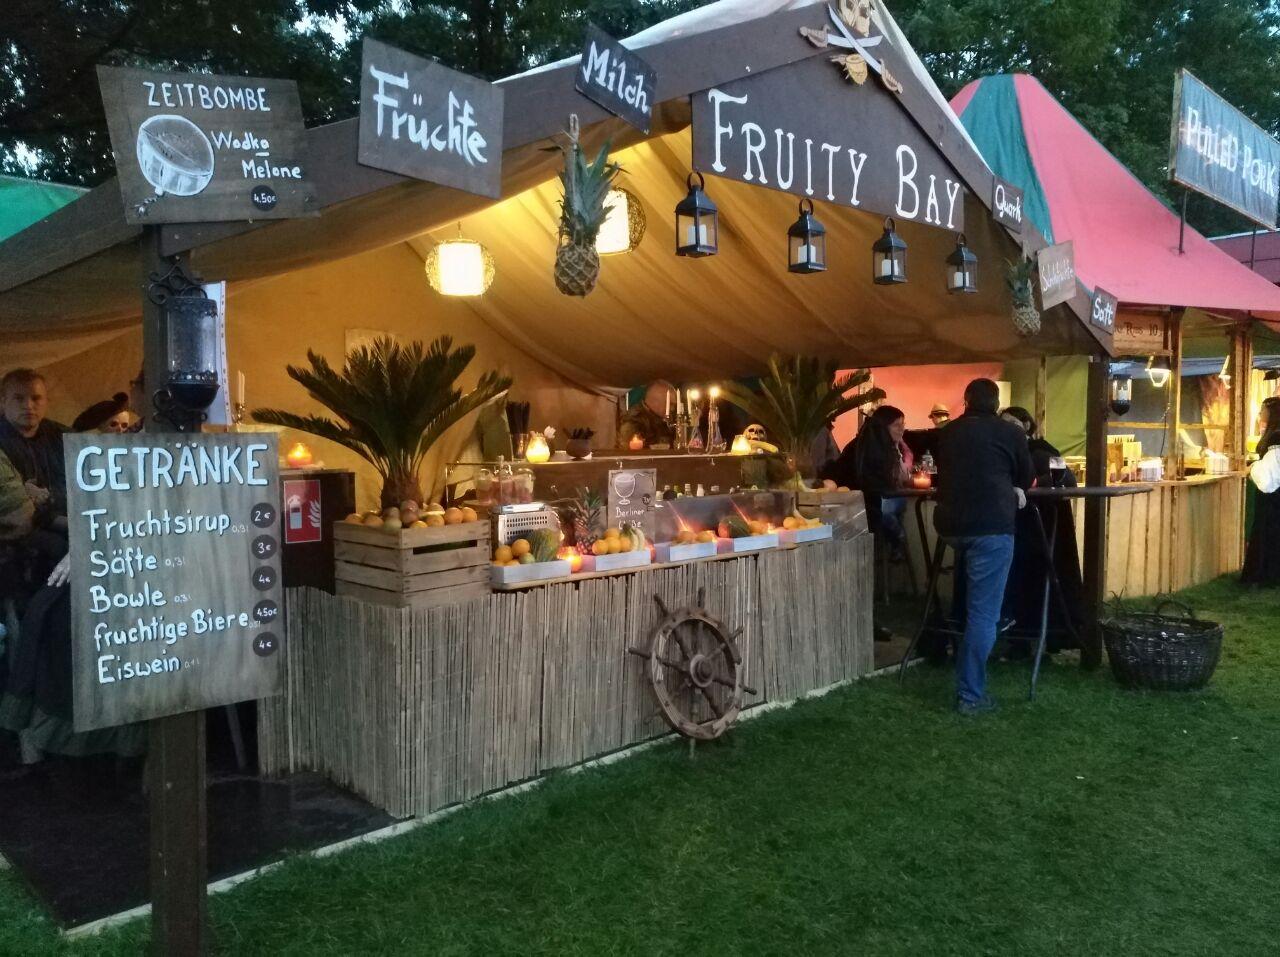 Fruity Bay – Die Früchte Bar